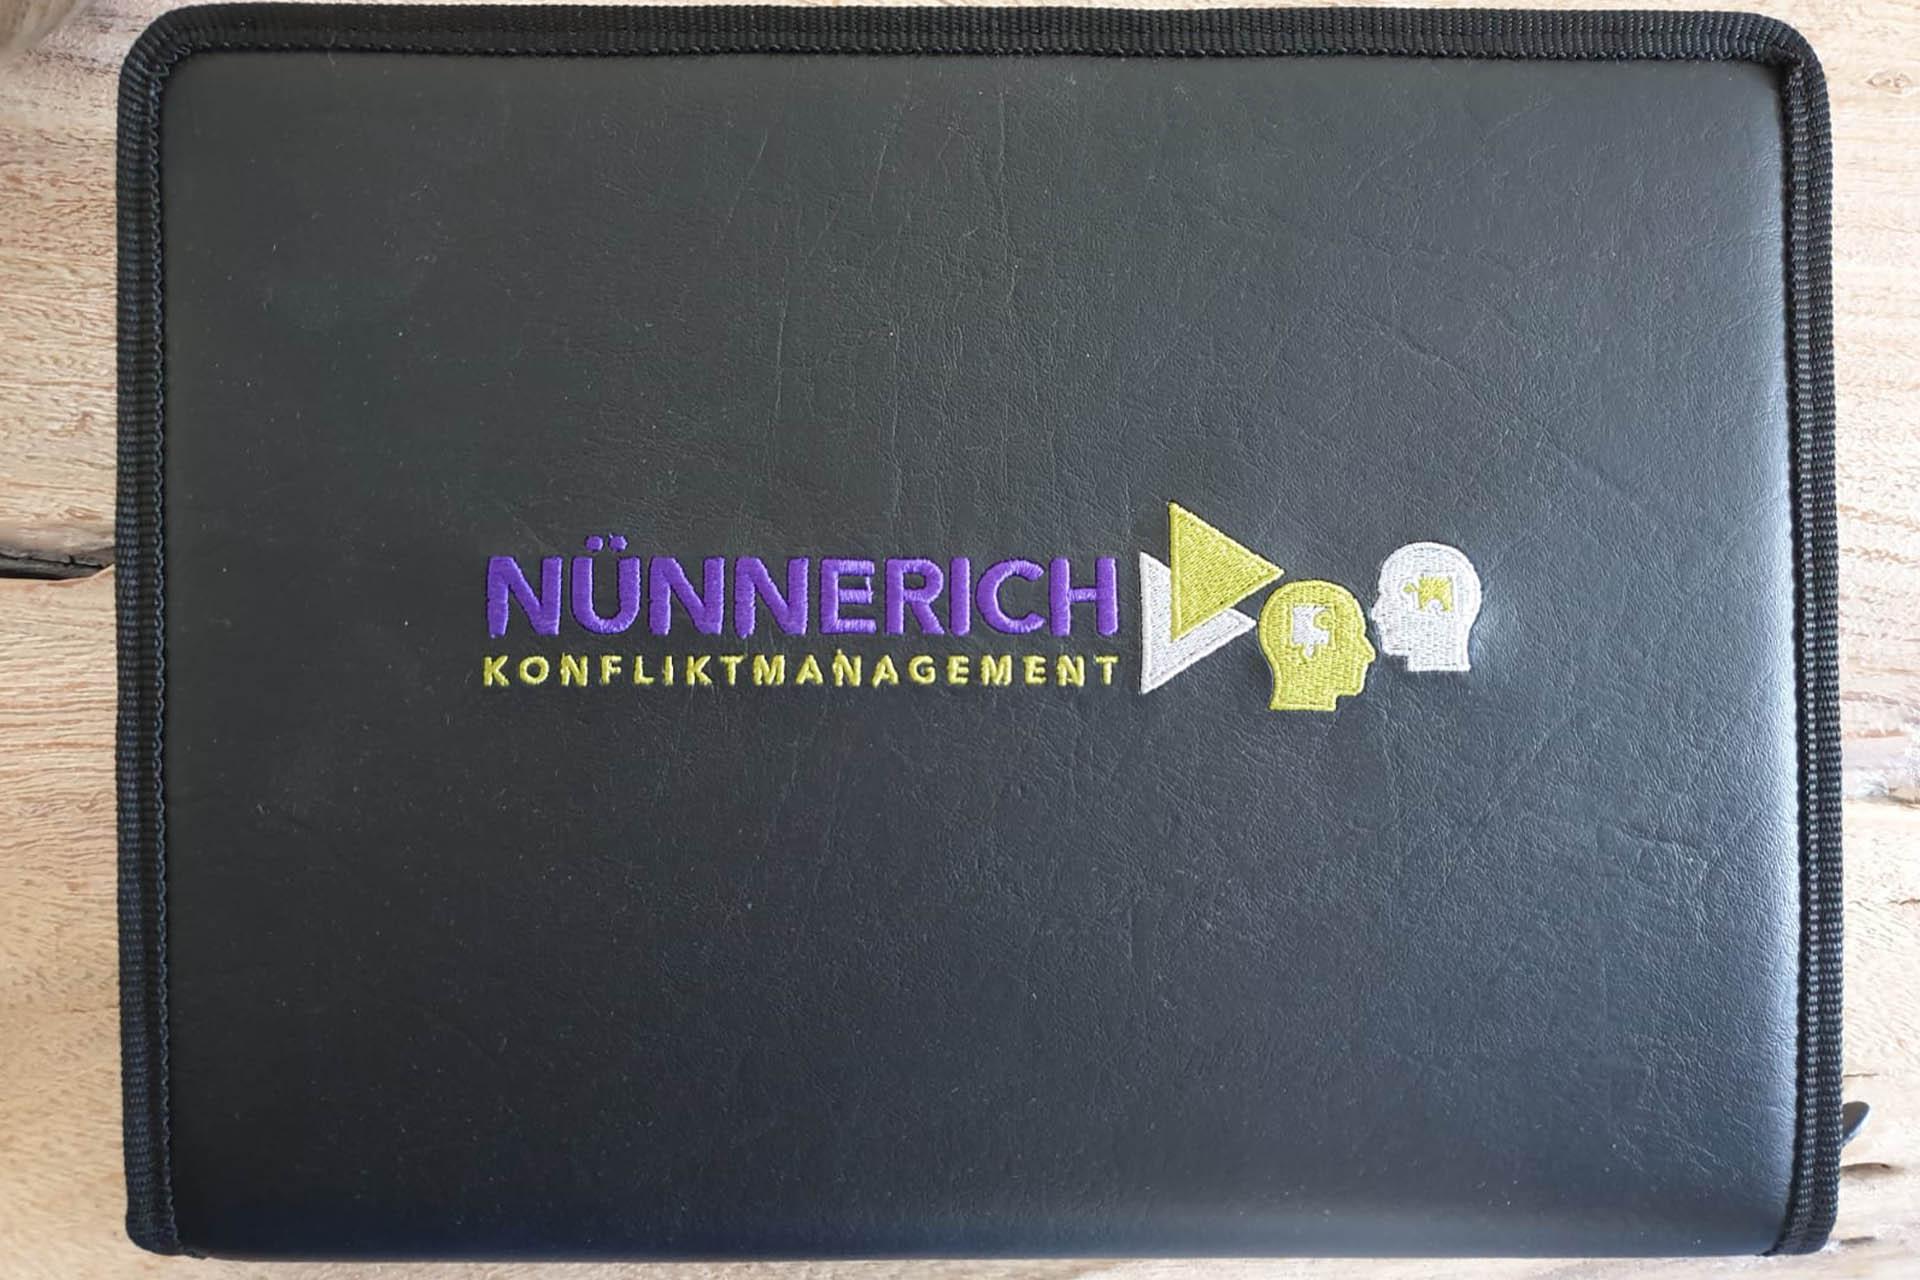 moll-real-werbeberatung-Werbeagentur-Oberhausen-bestickte Mappe Klaus Nünnerich